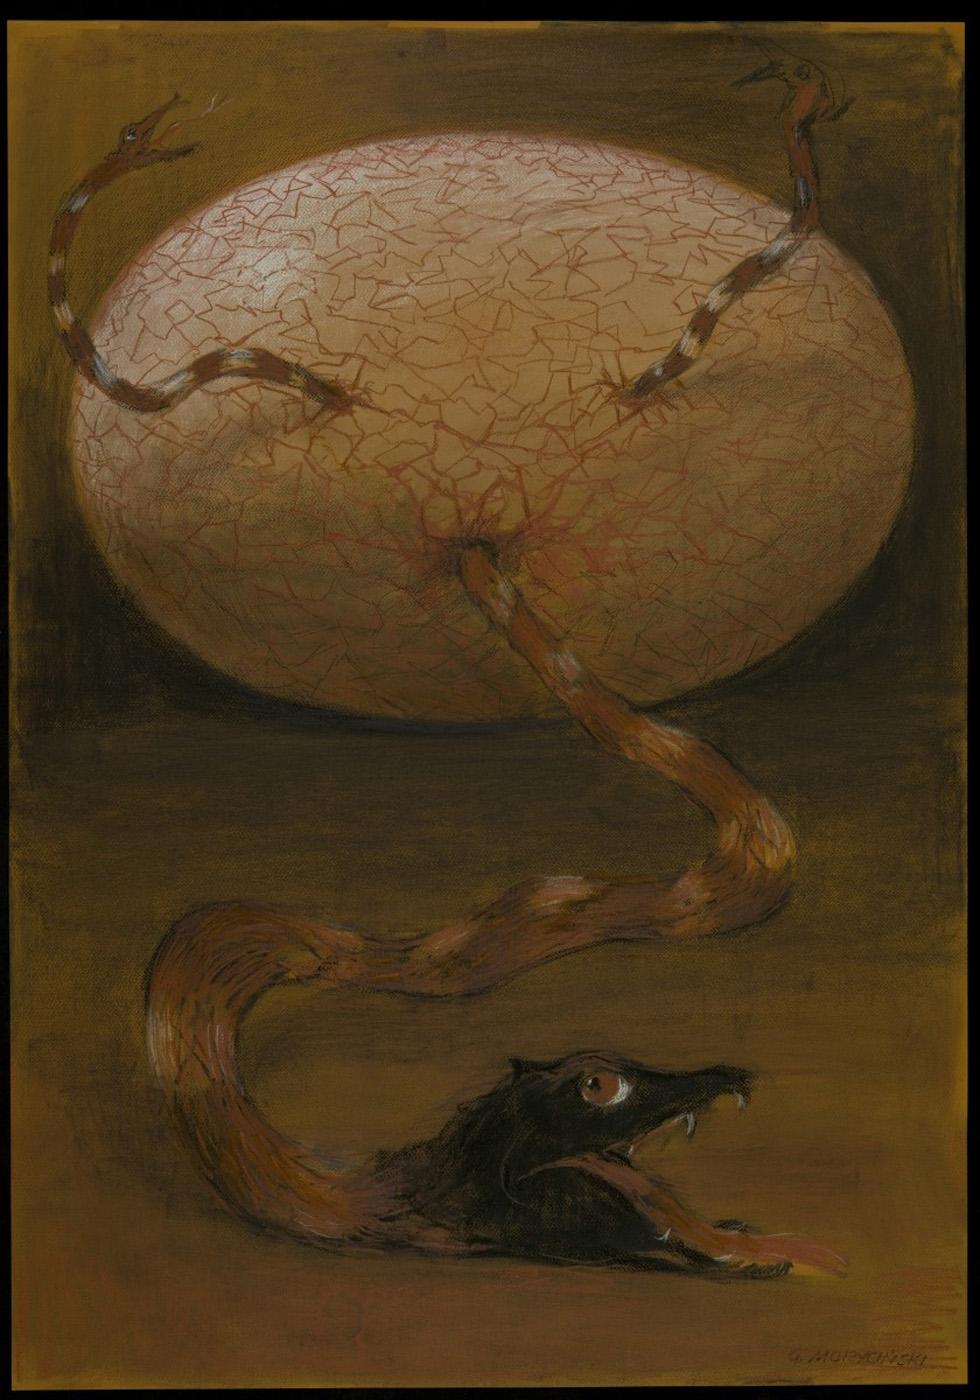 Grzegorz Morycinski  - Demons 16